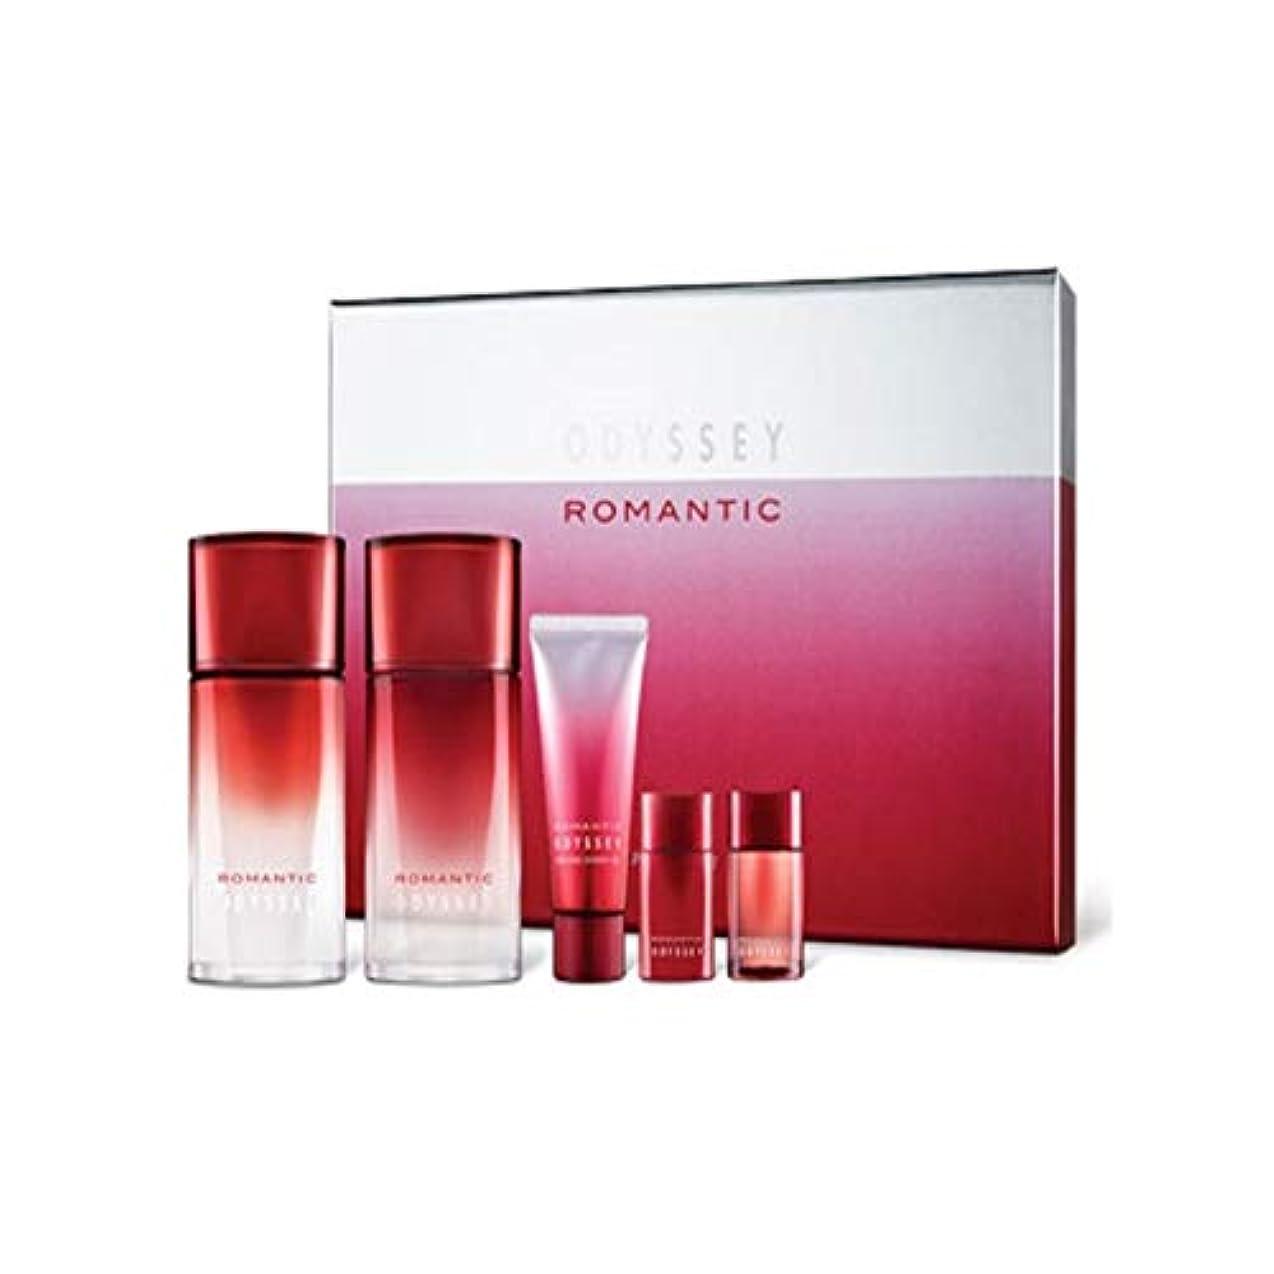 前置詞潮講師オデッセイロマンチックスキンリファイナーローションセットメンズコスメ韓国コスメ、Odyssey Romantic Skin Refiner Lotion Set Men's Cosmetics Korean Cosmetics...